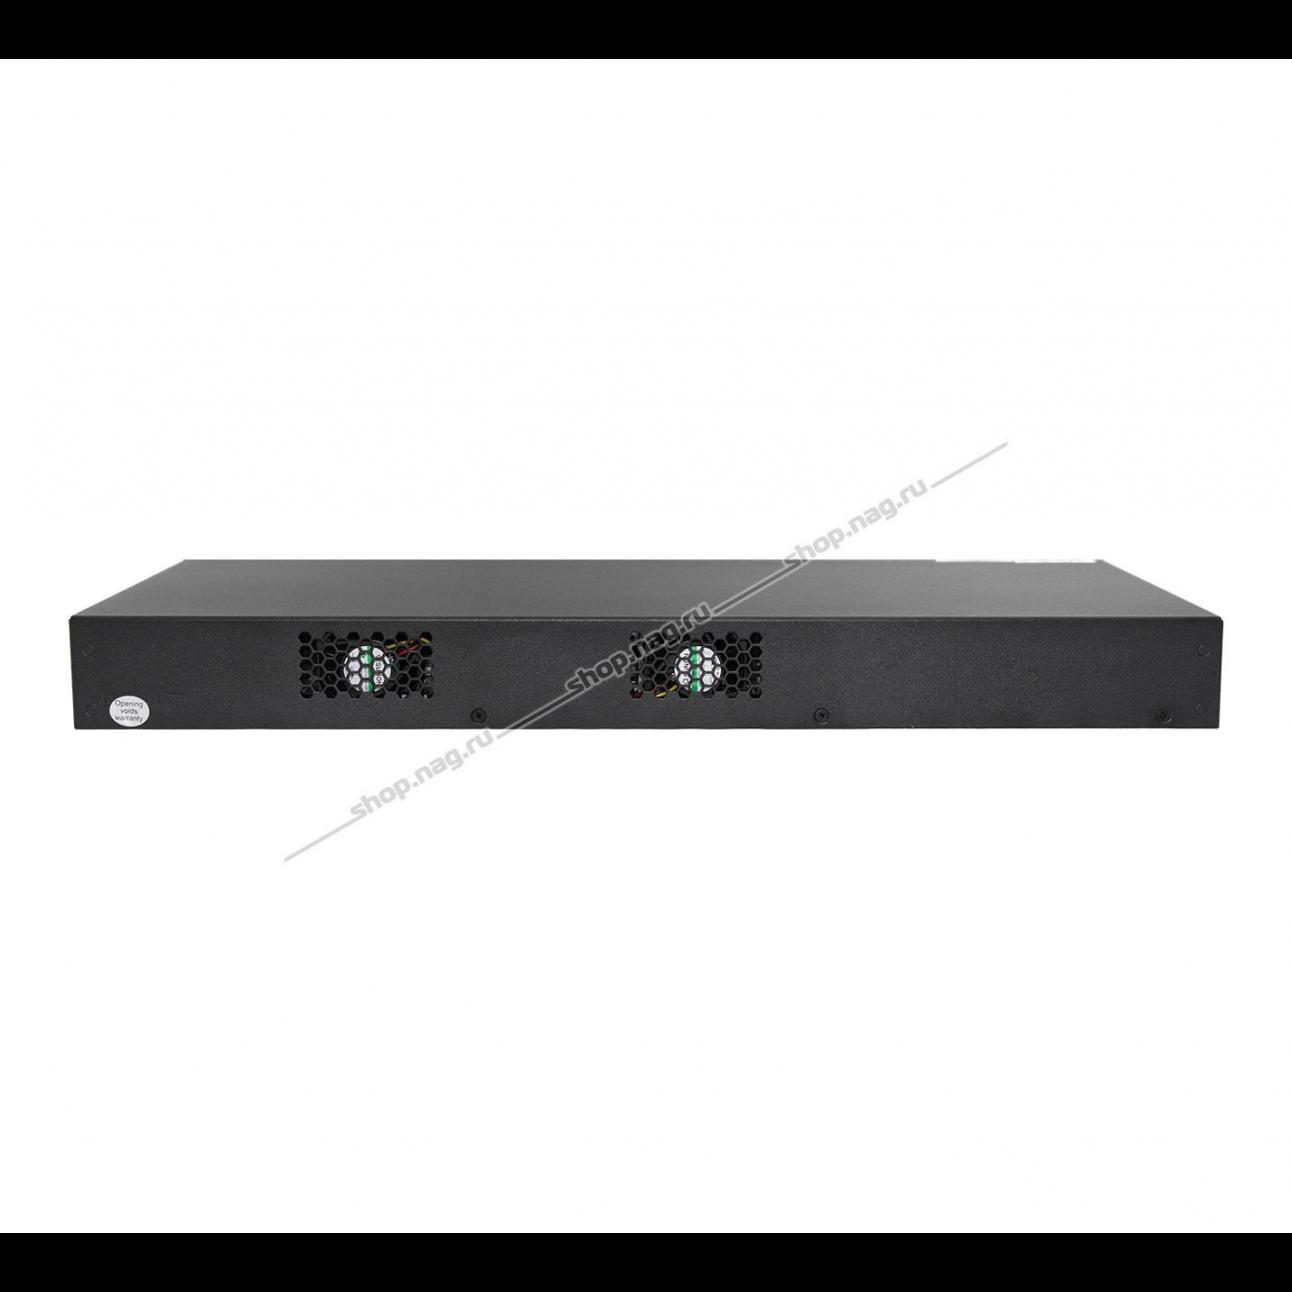 Управляемый коммутатор уровня 2+ SNR-S2990G-24FX-RPS